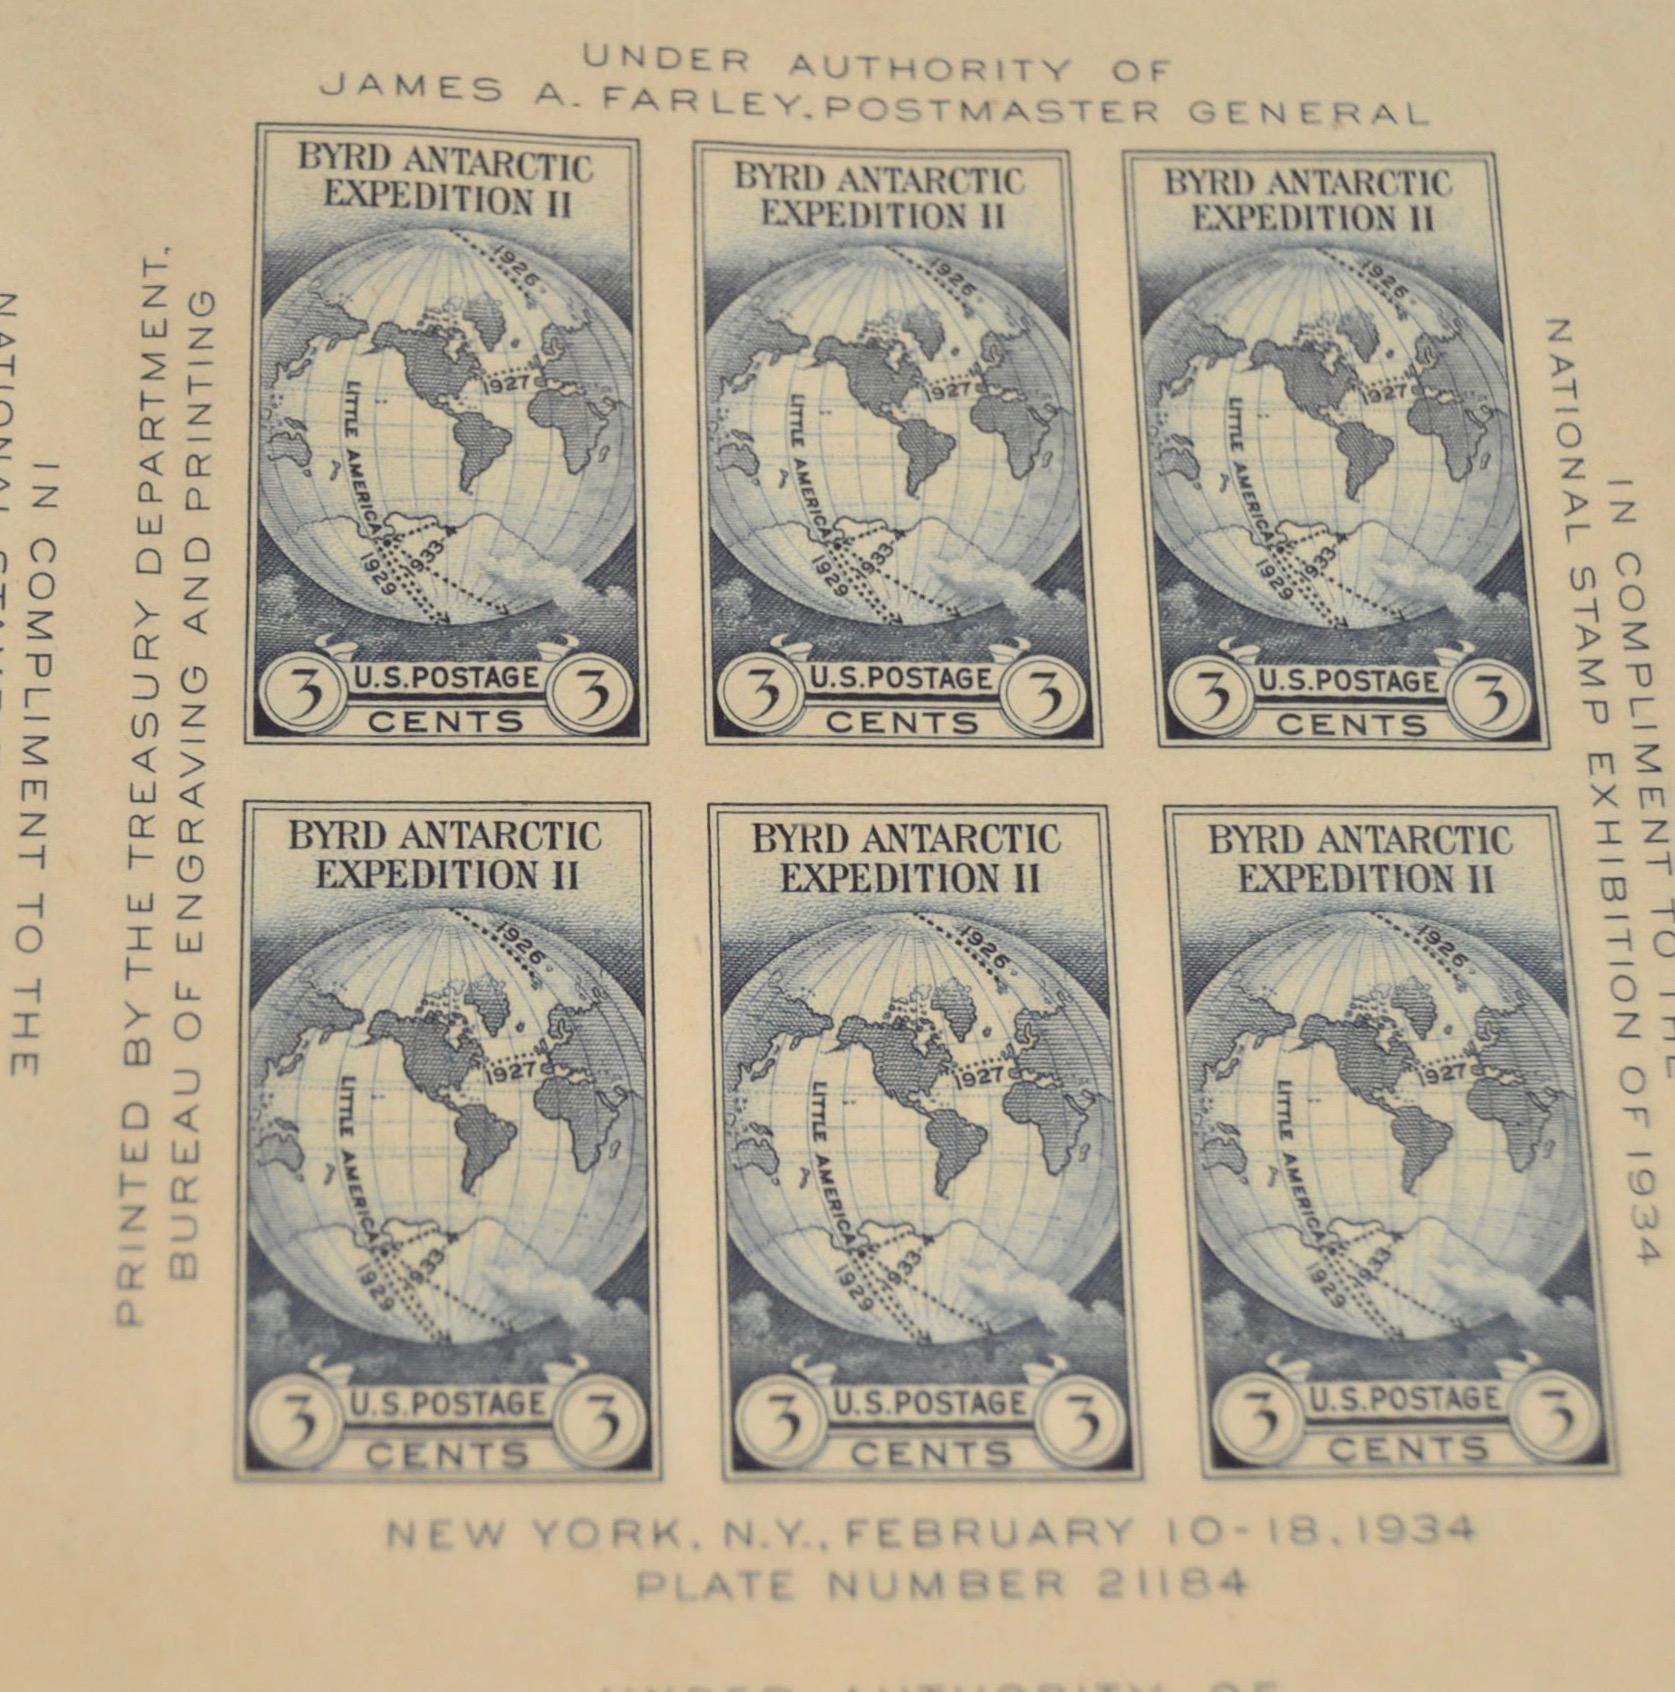 DSC 0051